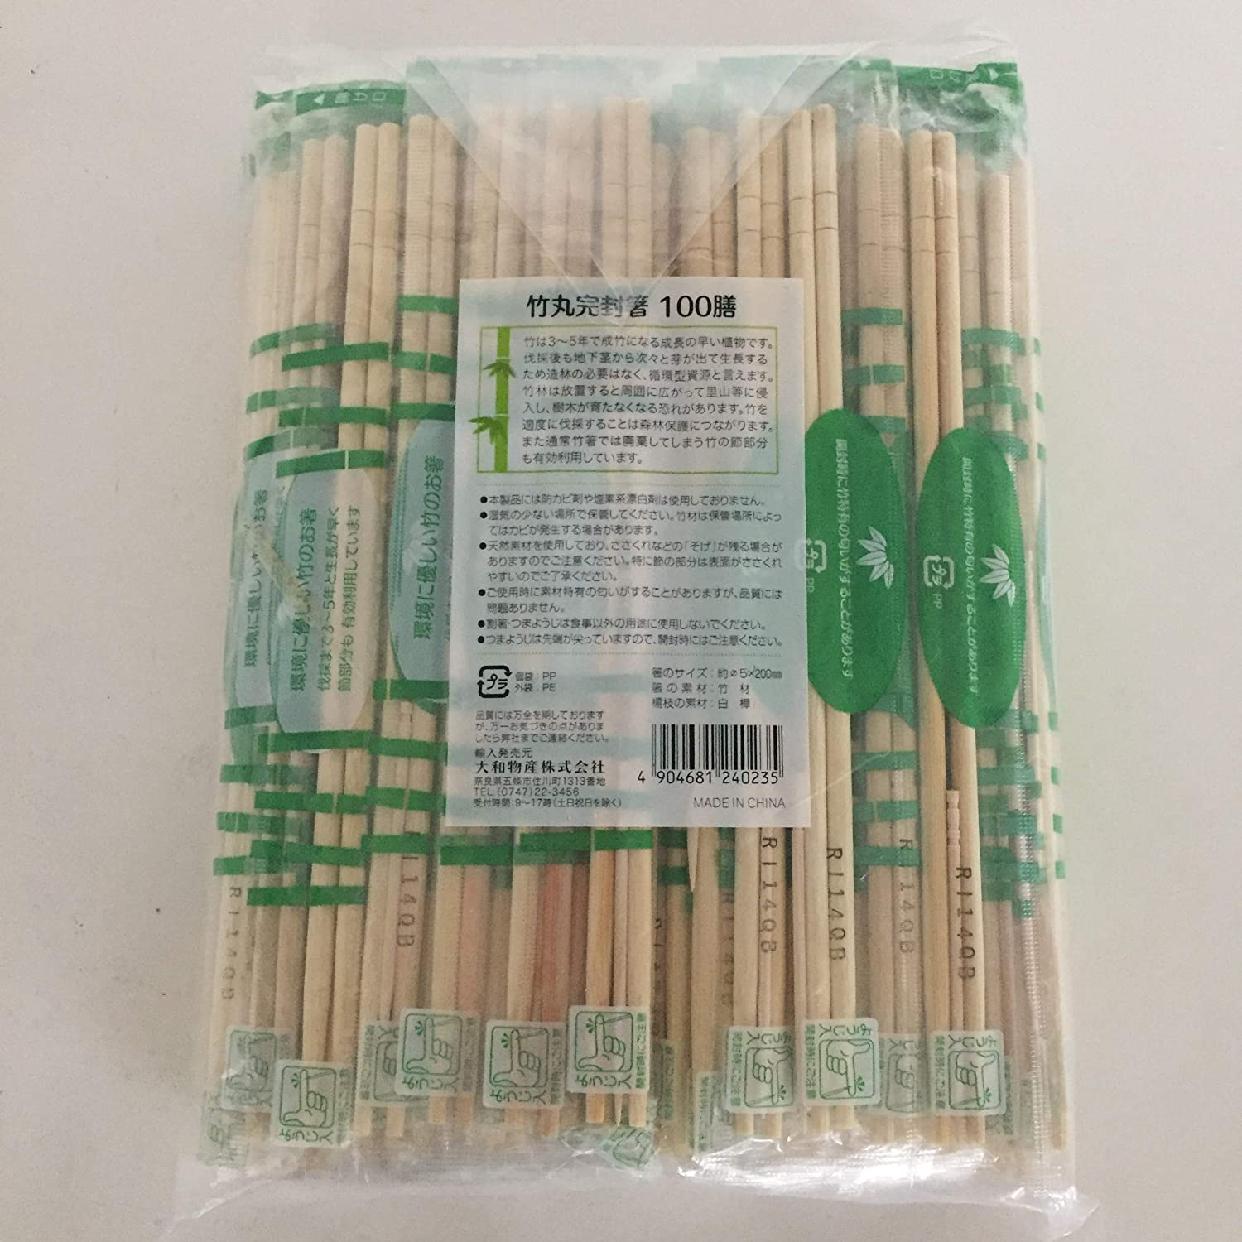 大和物産(だいわぶっさん)節付竹丸ポリ完封箸 100膳 20cmの商品画像2